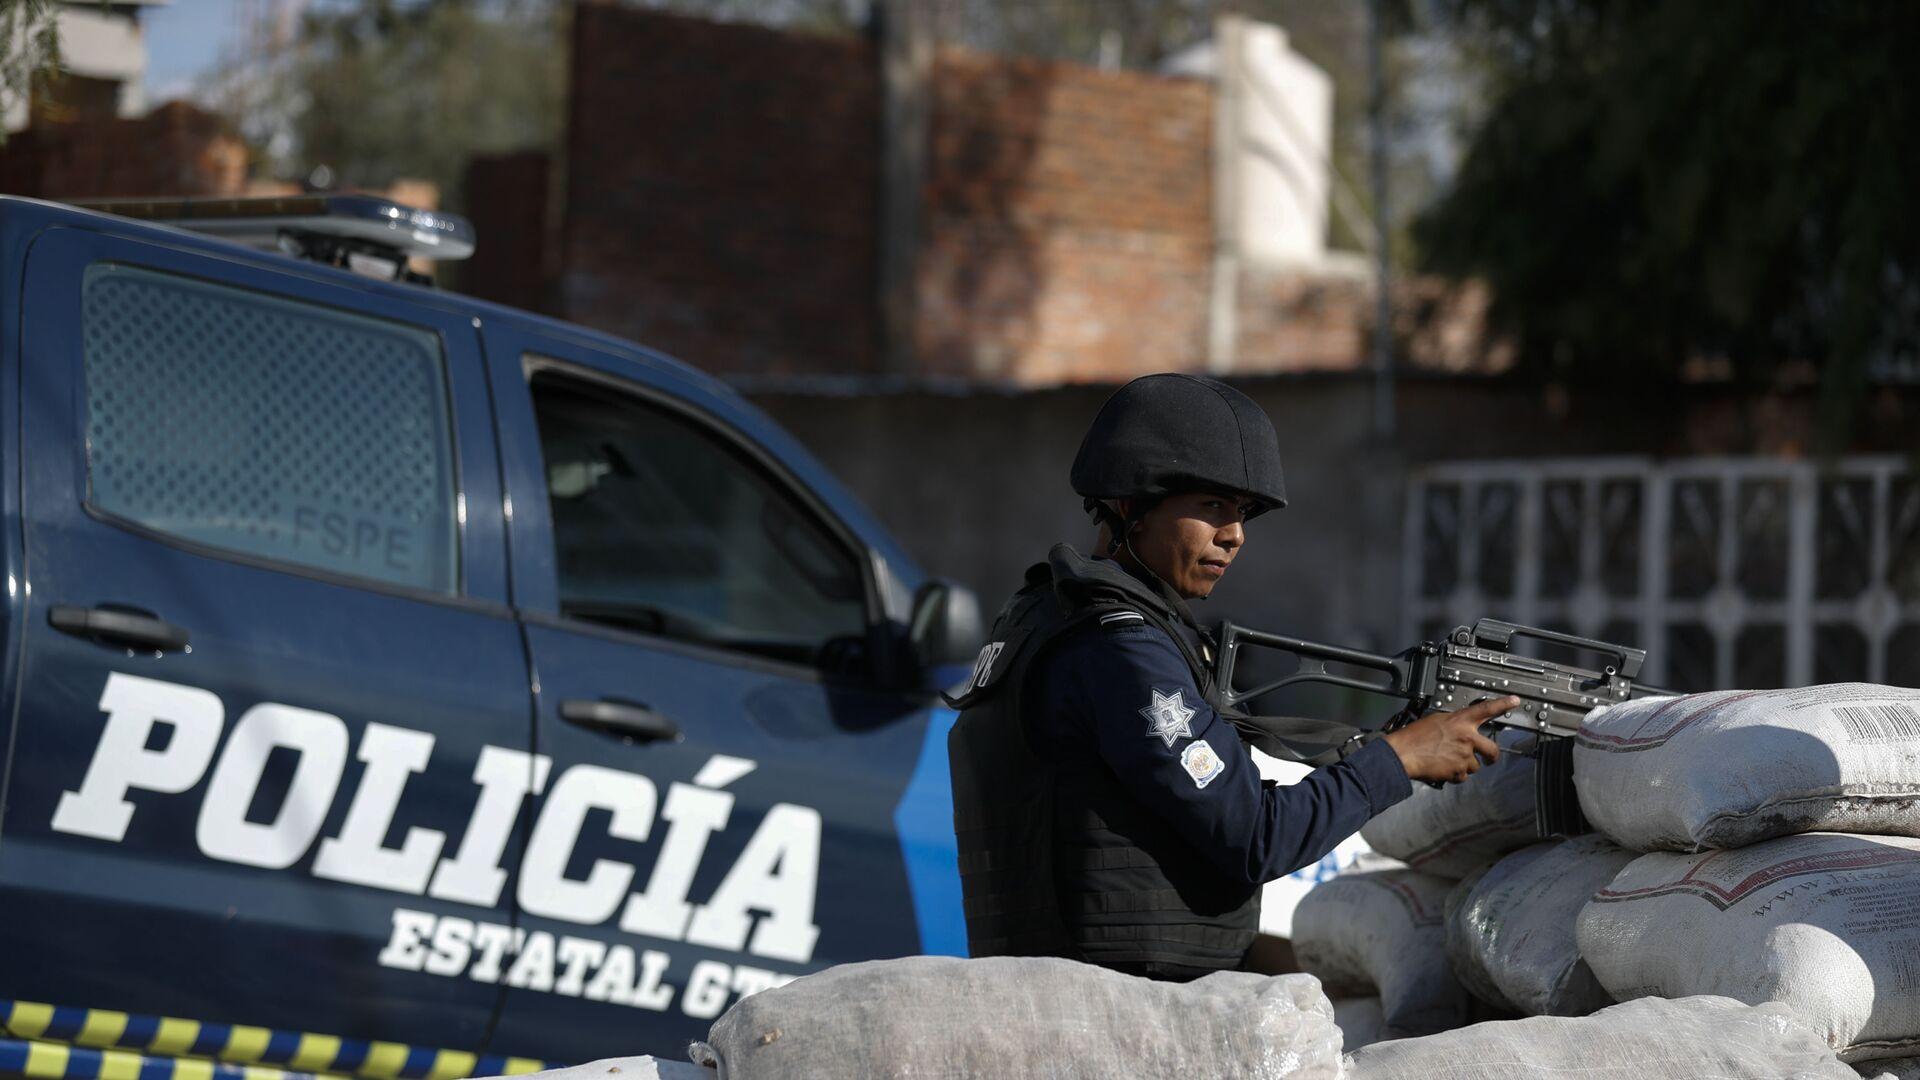 Un policía mexicano está de guardia detrás de un parapeto de sacos con arena en México - Sputnik Mundo, 1920, 20.06.2021